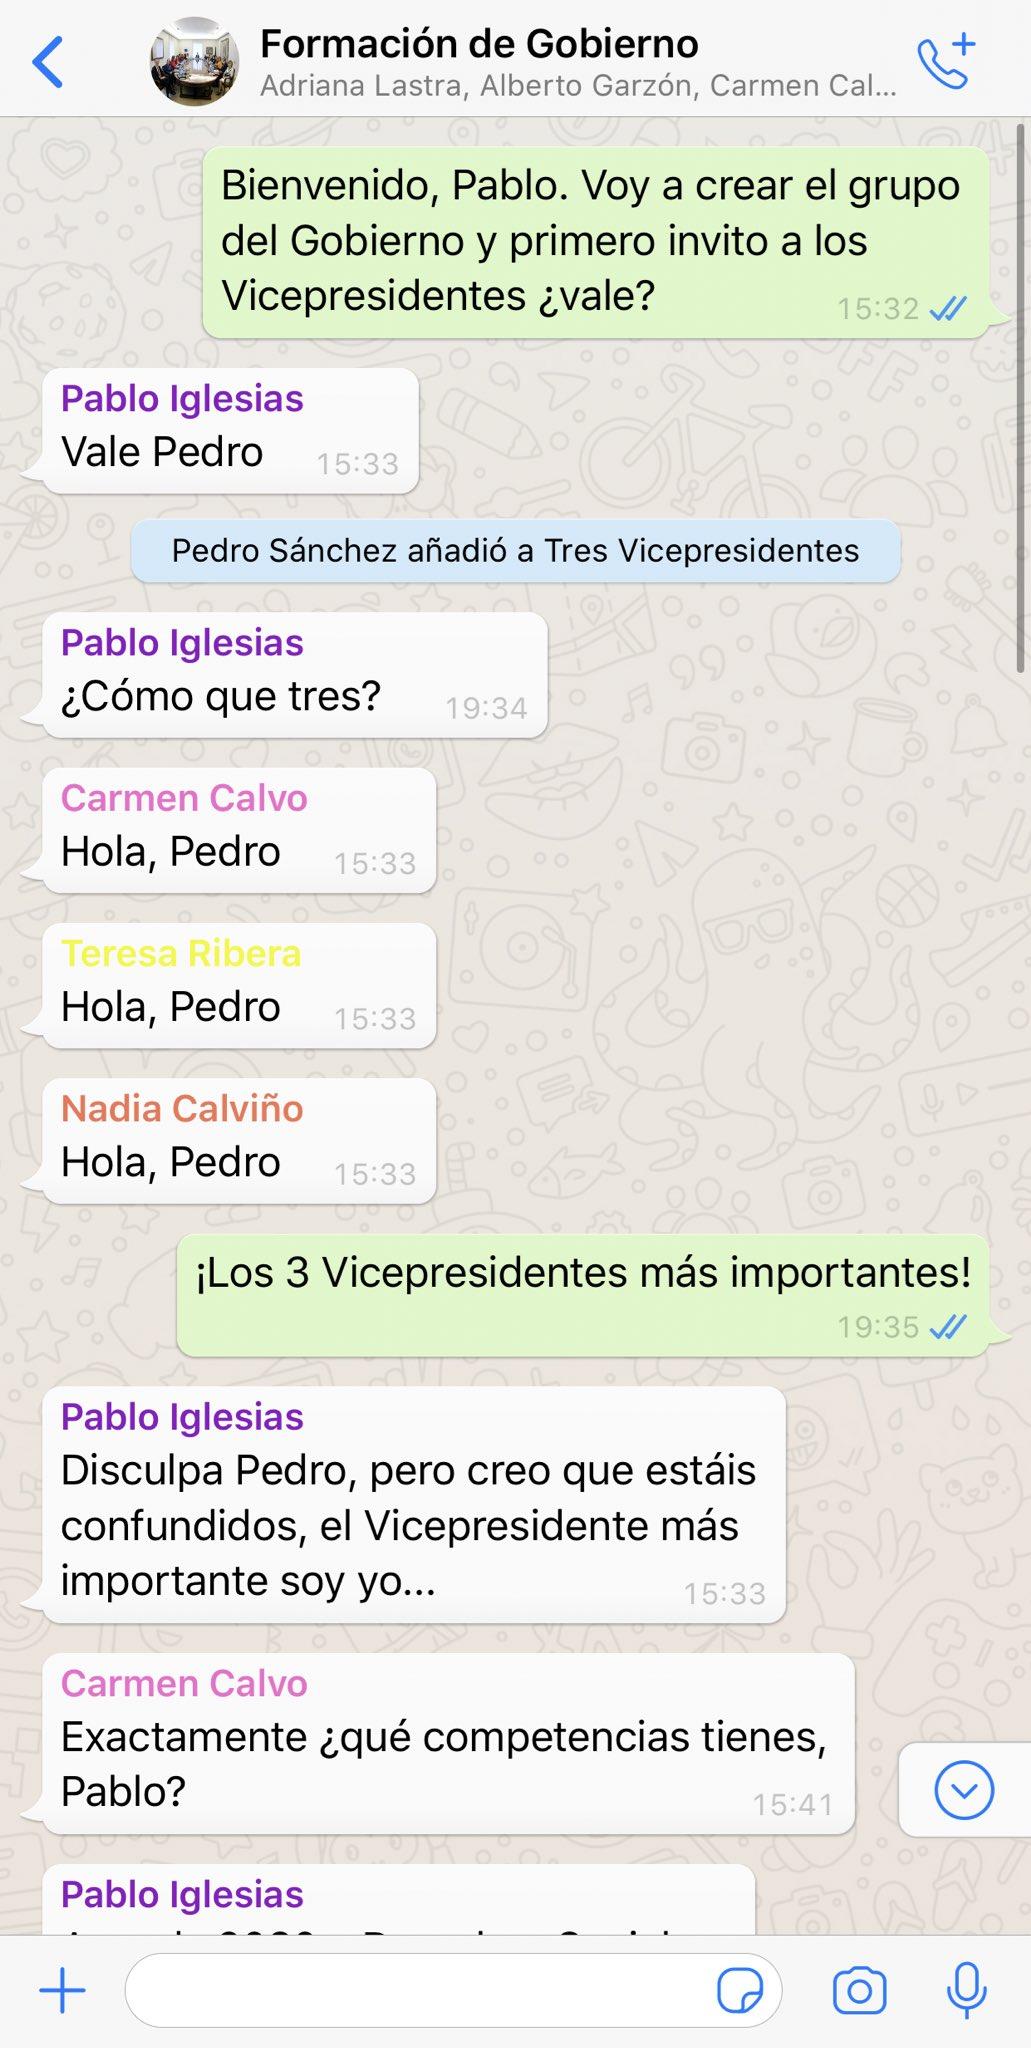 ¿Os imagináis el Whatsapp del Gobierno de Sánchez e Iglesias?